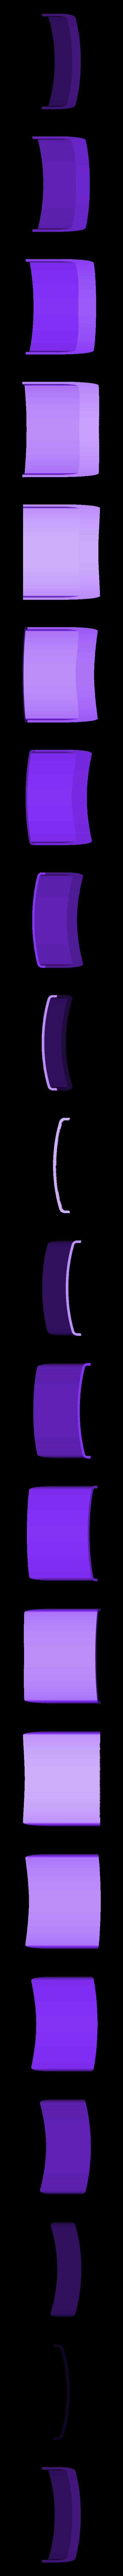 Intake02.STL Télécharger fichier STL gratuit Accessoires pour le Hobbyking (Piccole Ali) Macchi C.205 Veltro ARF • Modèle pour impression 3D, tahustvedt